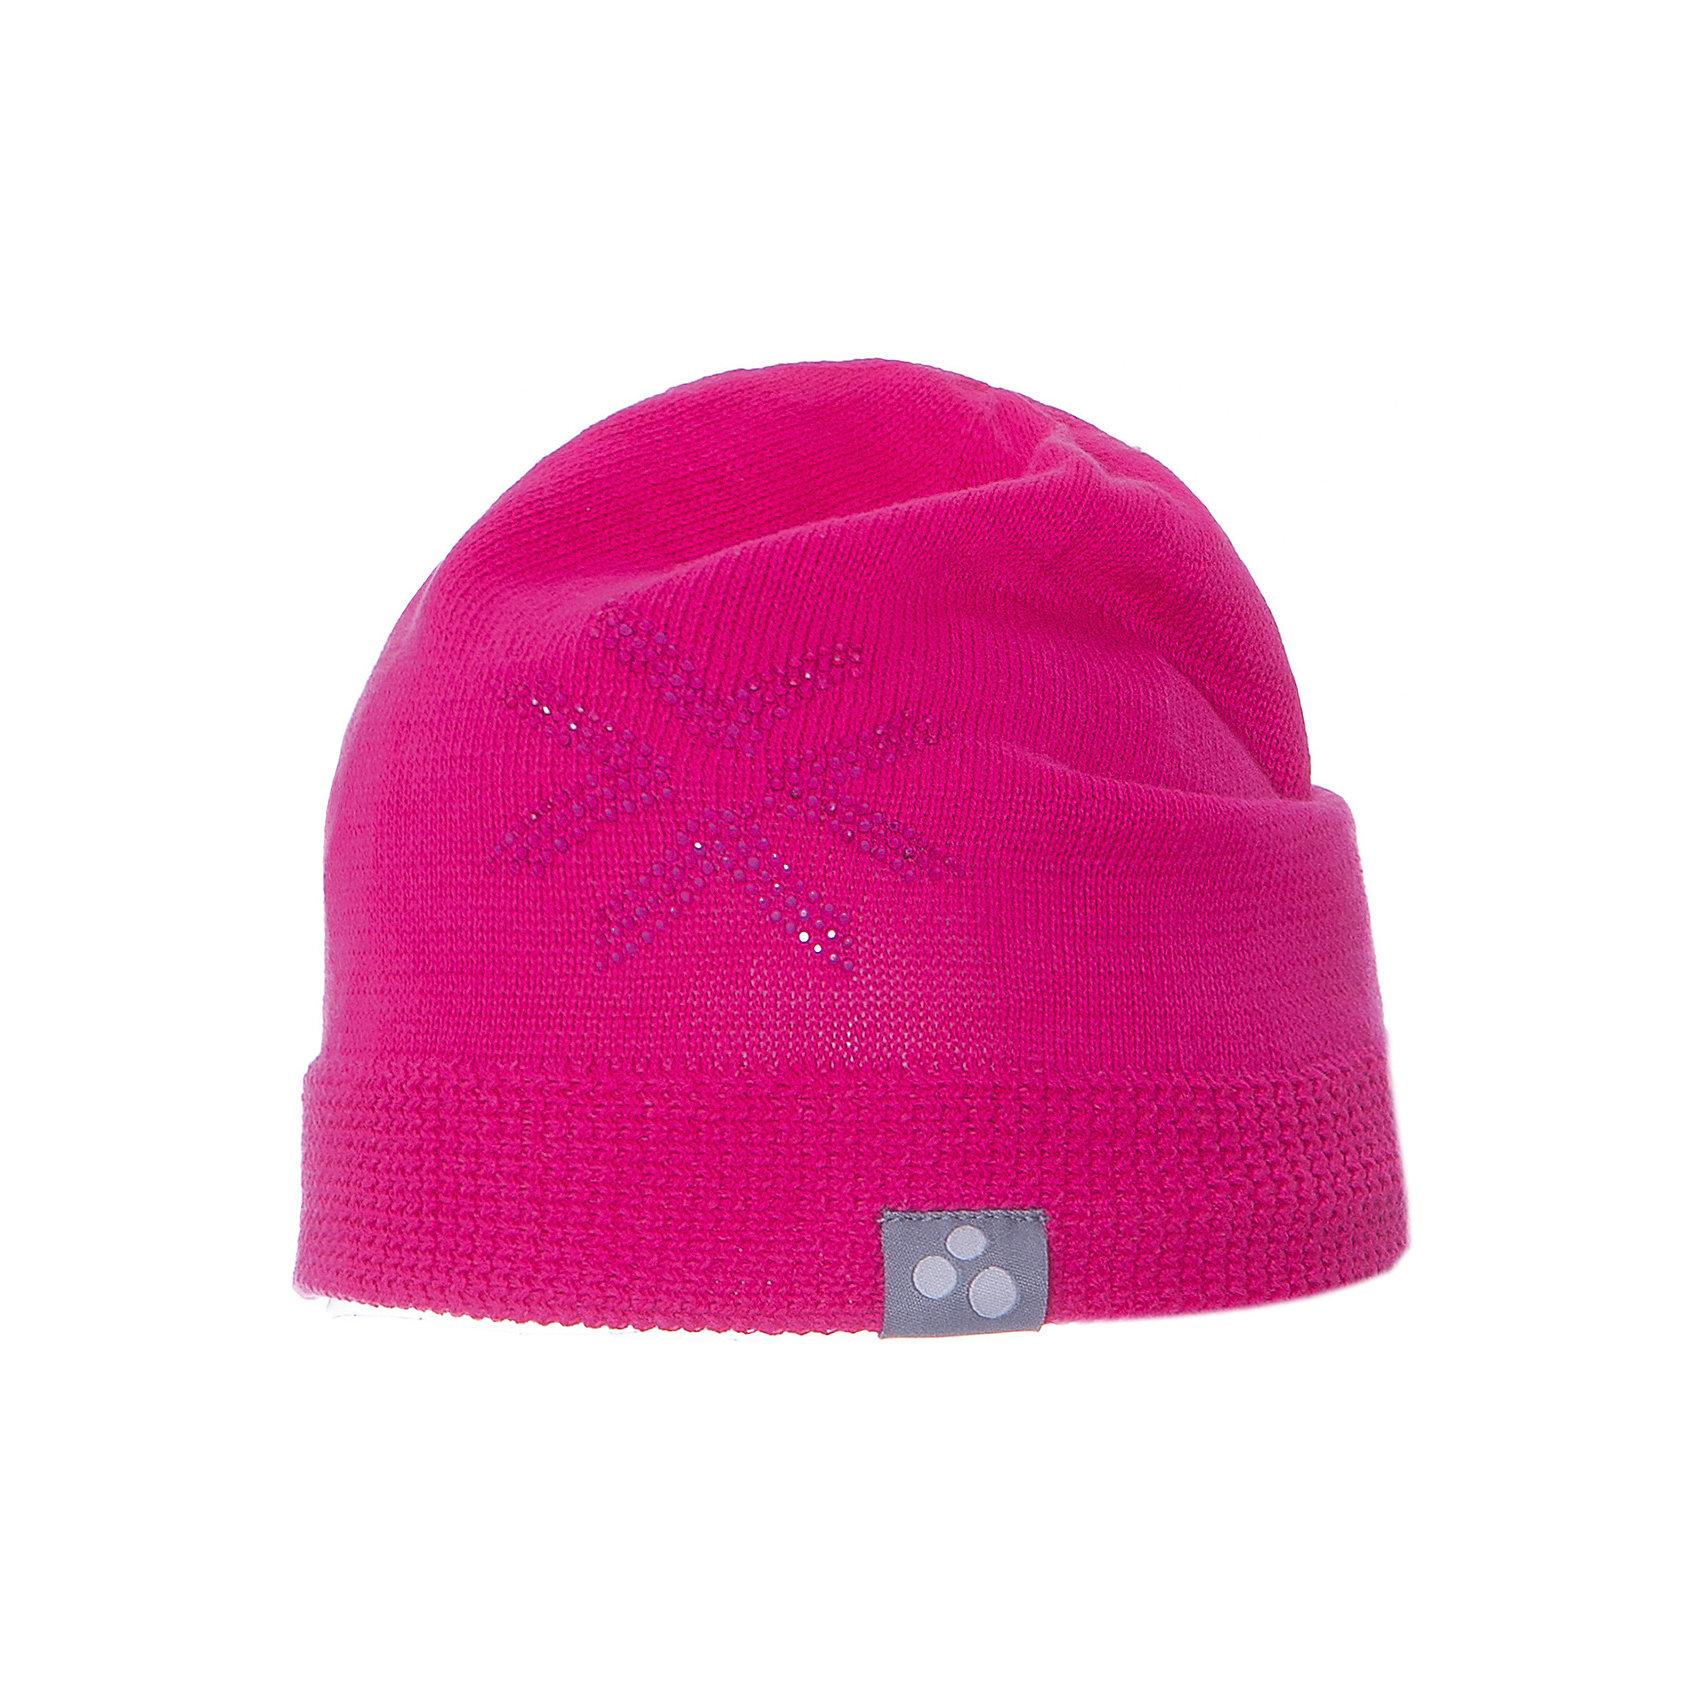 Шапка ERIKA для девочки HuppaГоловные уборы<br>Характеристики товара:<br><br>• цвет: розовый<br>• состав: 100% хлопок <br>• температурный режим: от 0°до +10°С<br>• демисезонная<br>• мягкая резинка<br>• принт<br>• логотип<br>• комфортная посадка<br>• мягкий материал<br>• коллекция: весна-лето 2017<br>• страна бренда: Эстония<br><br>Такая модная шапка обеспечит детям тепло и комфорт. Она сделана из приятного на ощупь дышащего и гипоаллергенного хлопка. Шапка очень симпатично смотрится, а дизайн и расцветка позволяют сочетать её с различной одеждой. Модель была разработана специально для детей.<br><br>Одежда и обувь от популярного эстонского бренда Huppa - отличный вариант одеть ребенка можно и комфортно. Вещи, выпускаемые компанией, качественные, продуманные и очень удобные. Для производства изделий используются только безопасные для детей материалы. Продукция от Huppa порадует и детей, и их родителей!<br><br>Шапку ERIKA от бренда Huppa (Хуппа) можно купить в нашем интернет-магазине.<br><br>Ширина мм: 89<br>Глубина мм: 117<br>Высота мм: 44<br>Вес г: 155<br>Цвет: лиловый<br>Возраст от месяцев: 144<br>Возраст до месяцев: 168<br>Пол: Женский<br>Возраст: Детский<br>Размер: 57,55-57,51-53,47-49<br>SKU: 5347750